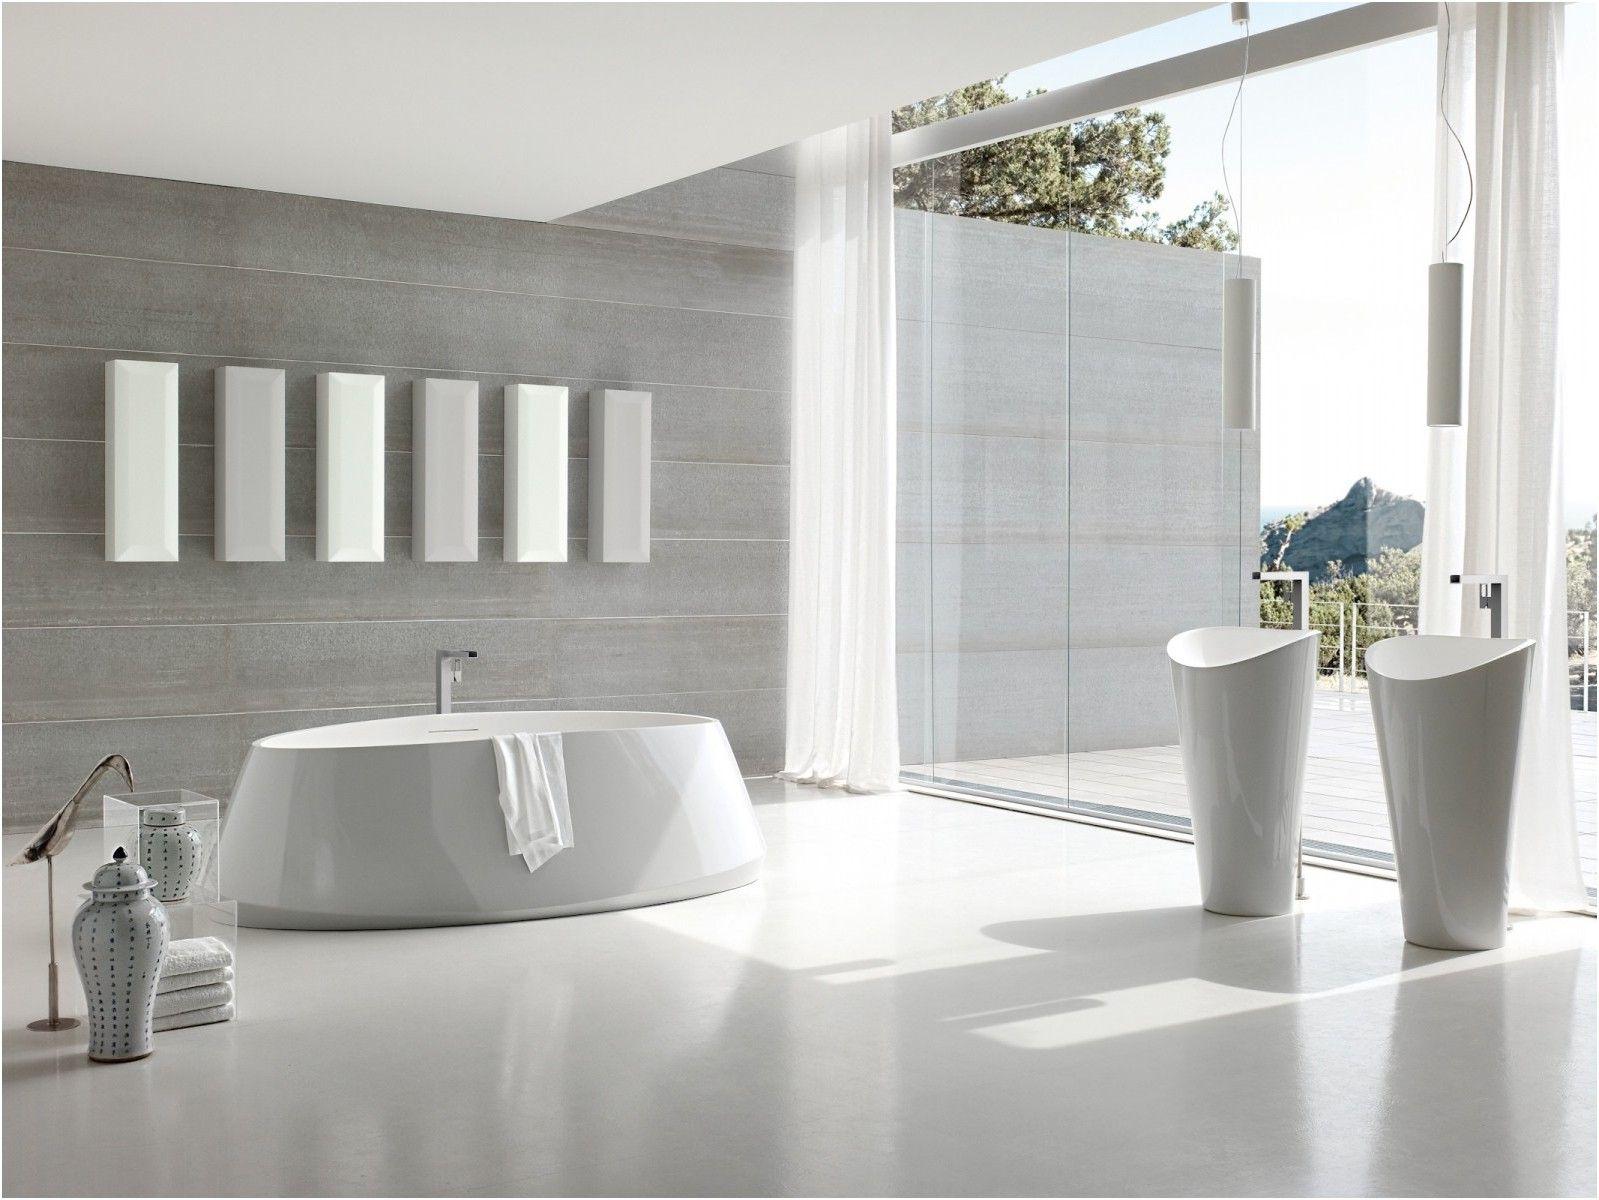 Priele Italian Design Bathrooms. Excellent Design 13 Priele Italian Bathrooms Home Design Ideas From Priele Italian Design Bathrooms